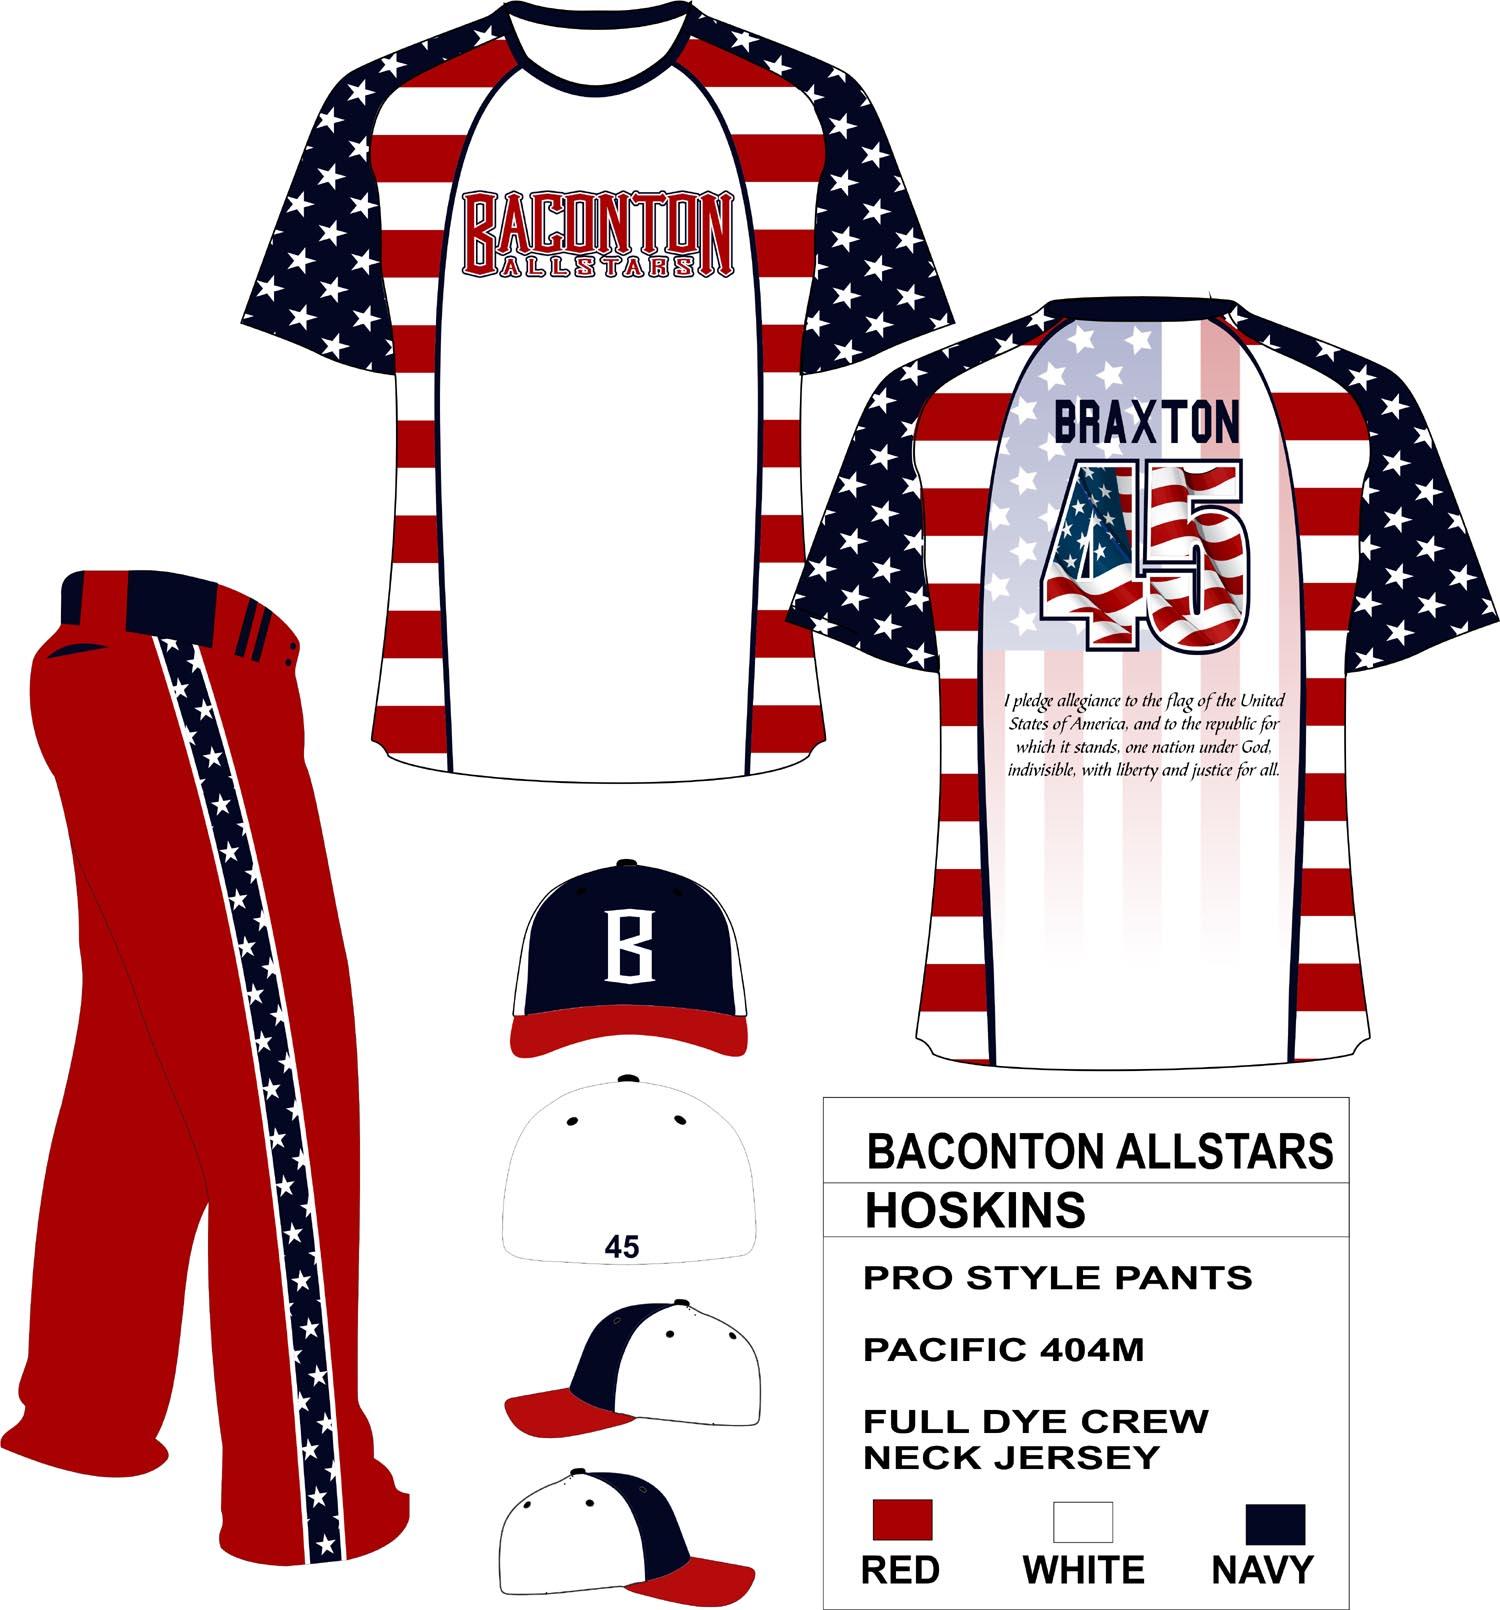 baconton-allstars-2017-hoskins-3-1.jpg